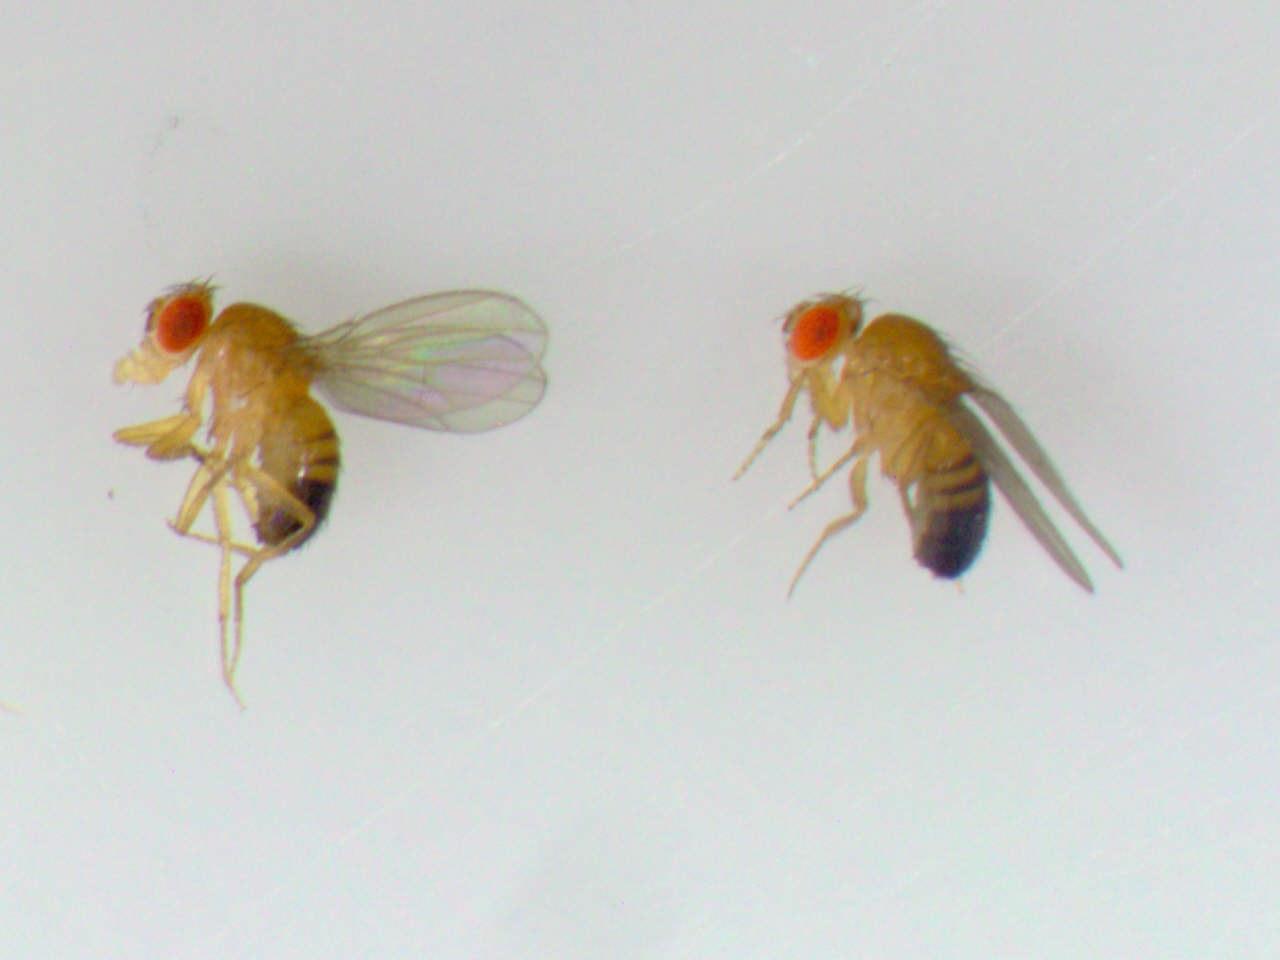 Drosophila-Fliegen: